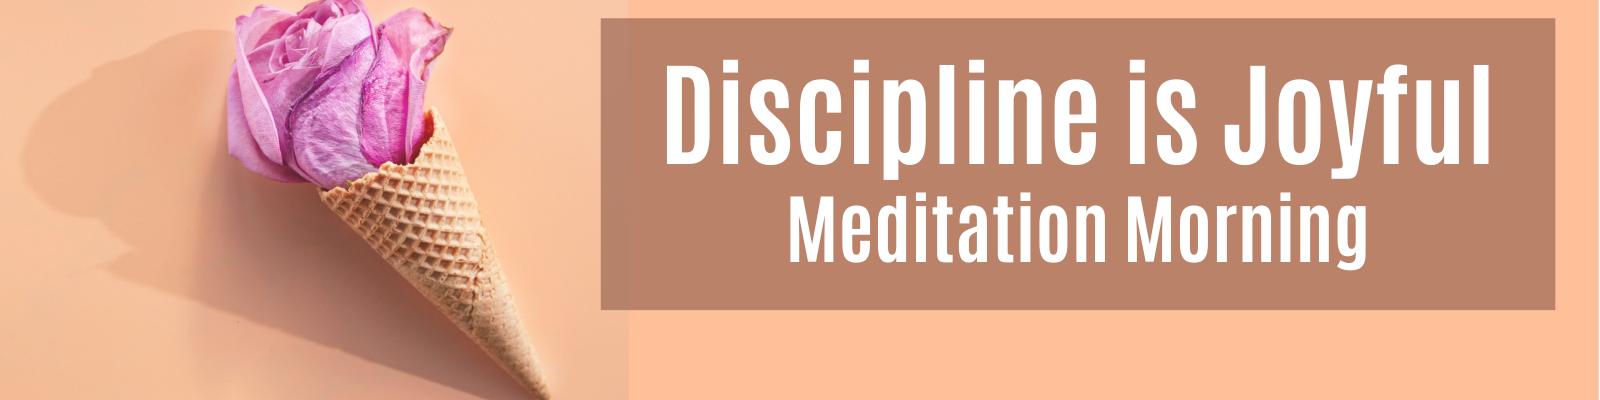 Discipline is Joyful